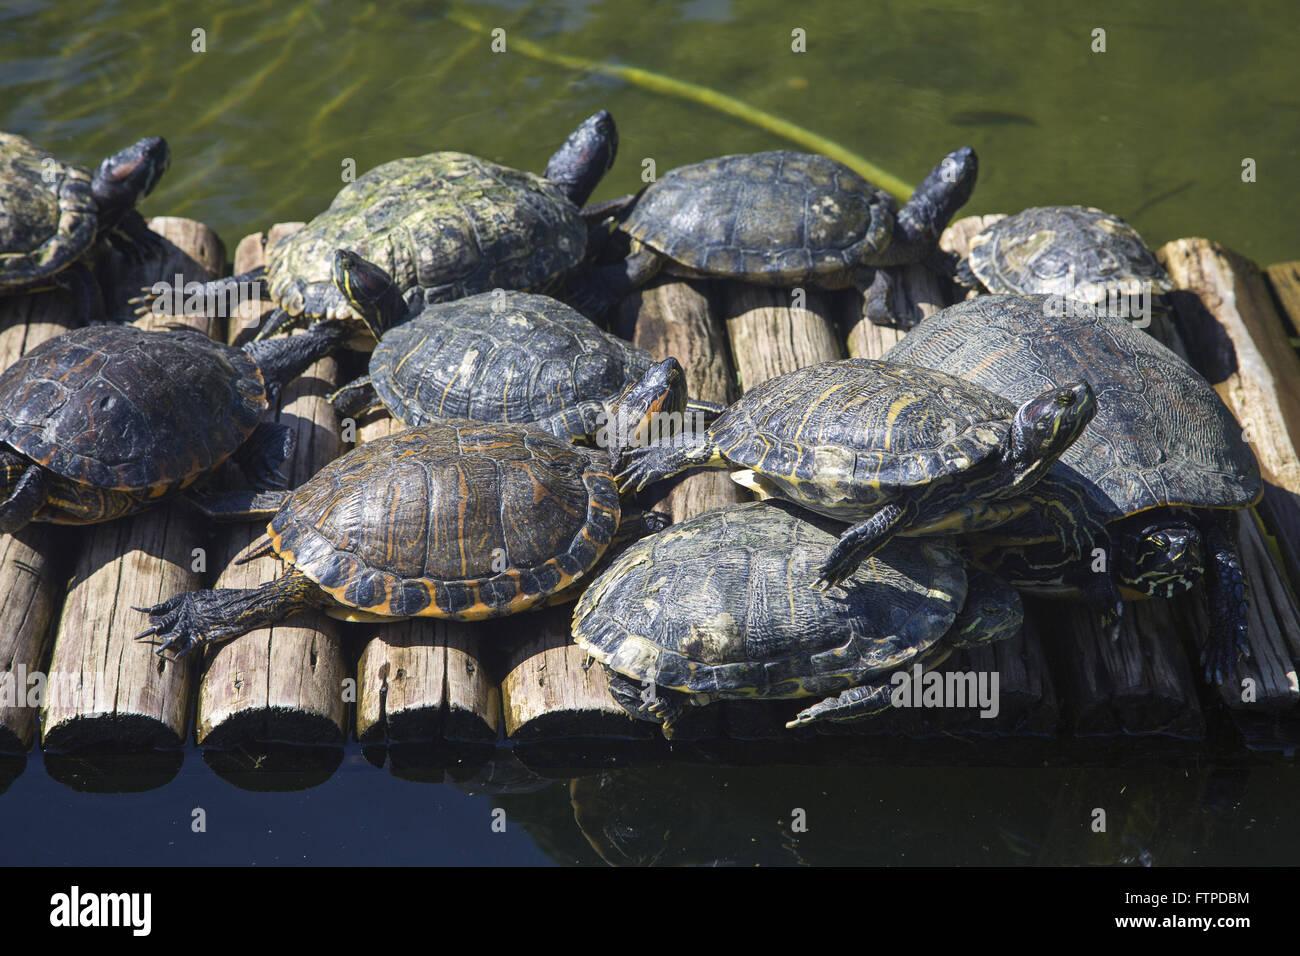 Le tartarughe marine nel lago Giardino Botanico di Rio de Janeiro Immagini Stock